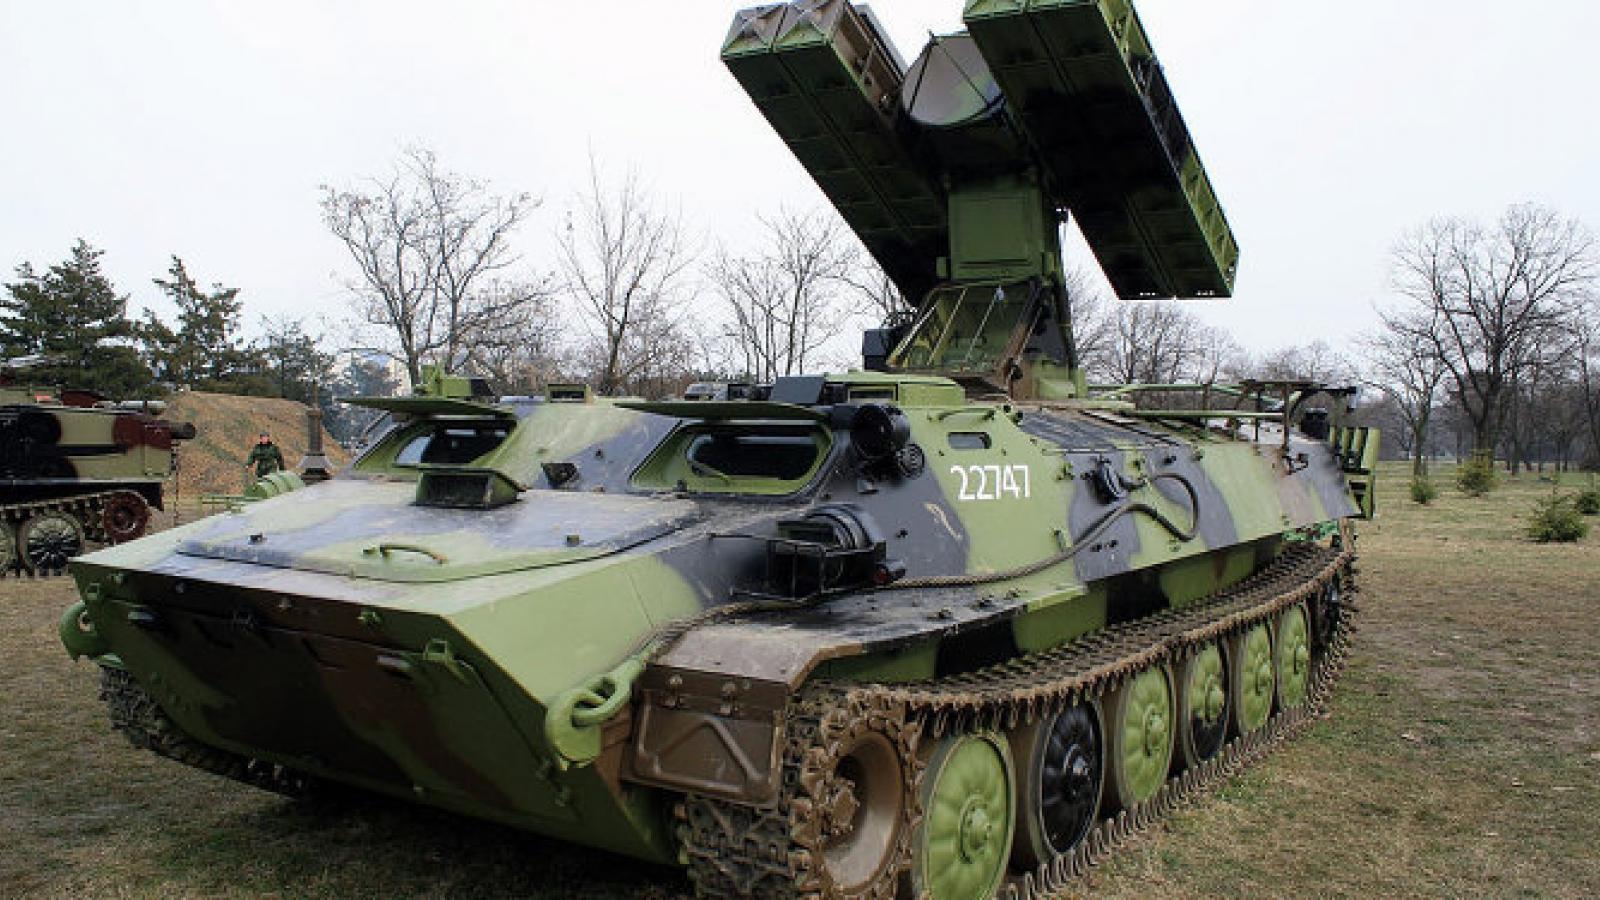 Nhà sản xuất AK-47 thử nghiệm thành công tên lửa phòng không dẫn đường trong đêm